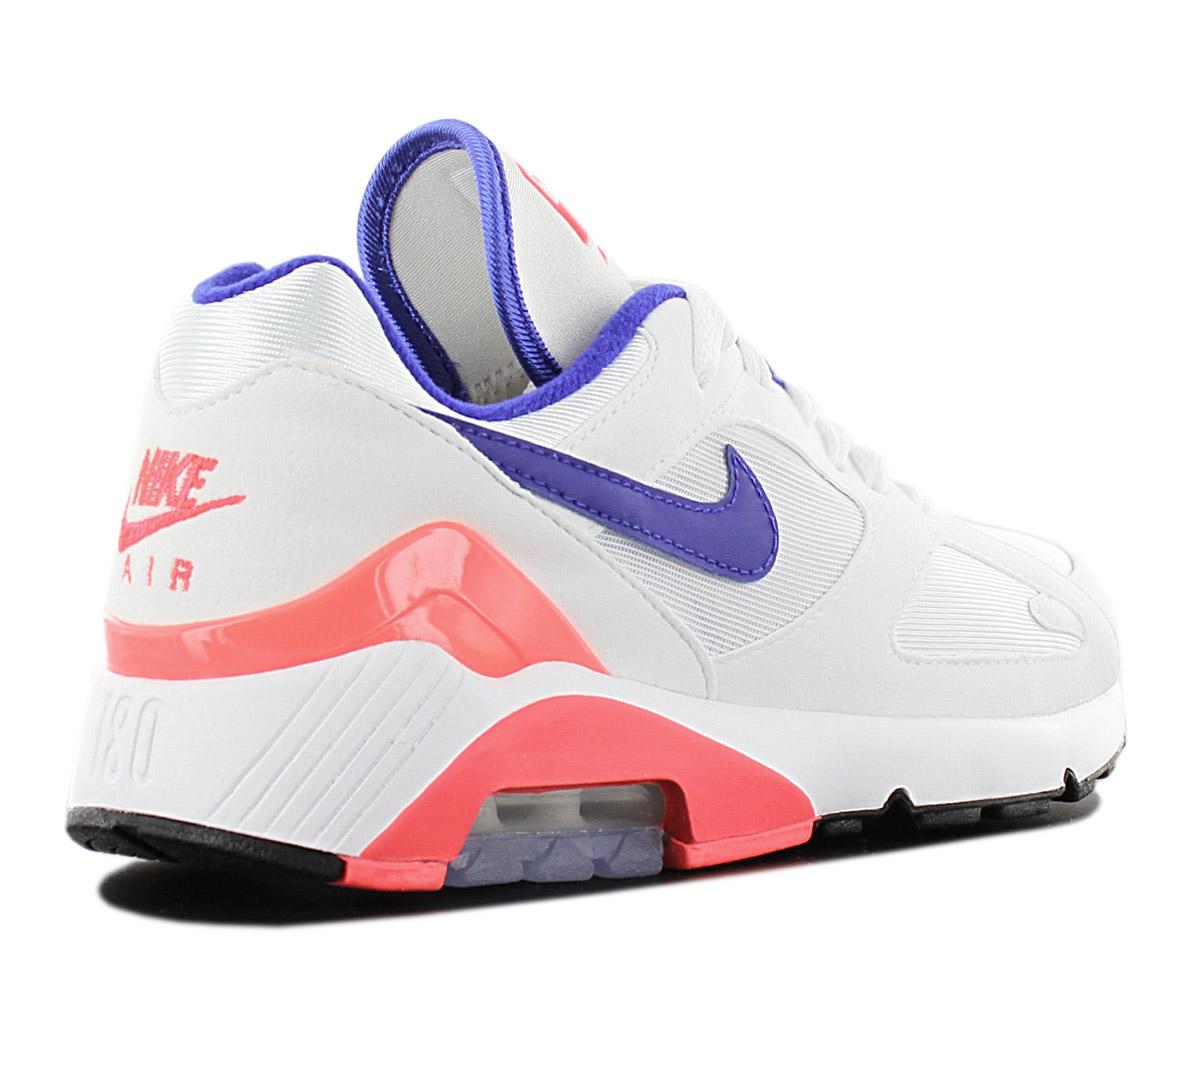 Schuhe NIKE Air Max 180 AH6786 100 WhiteUltramarineSolar Red